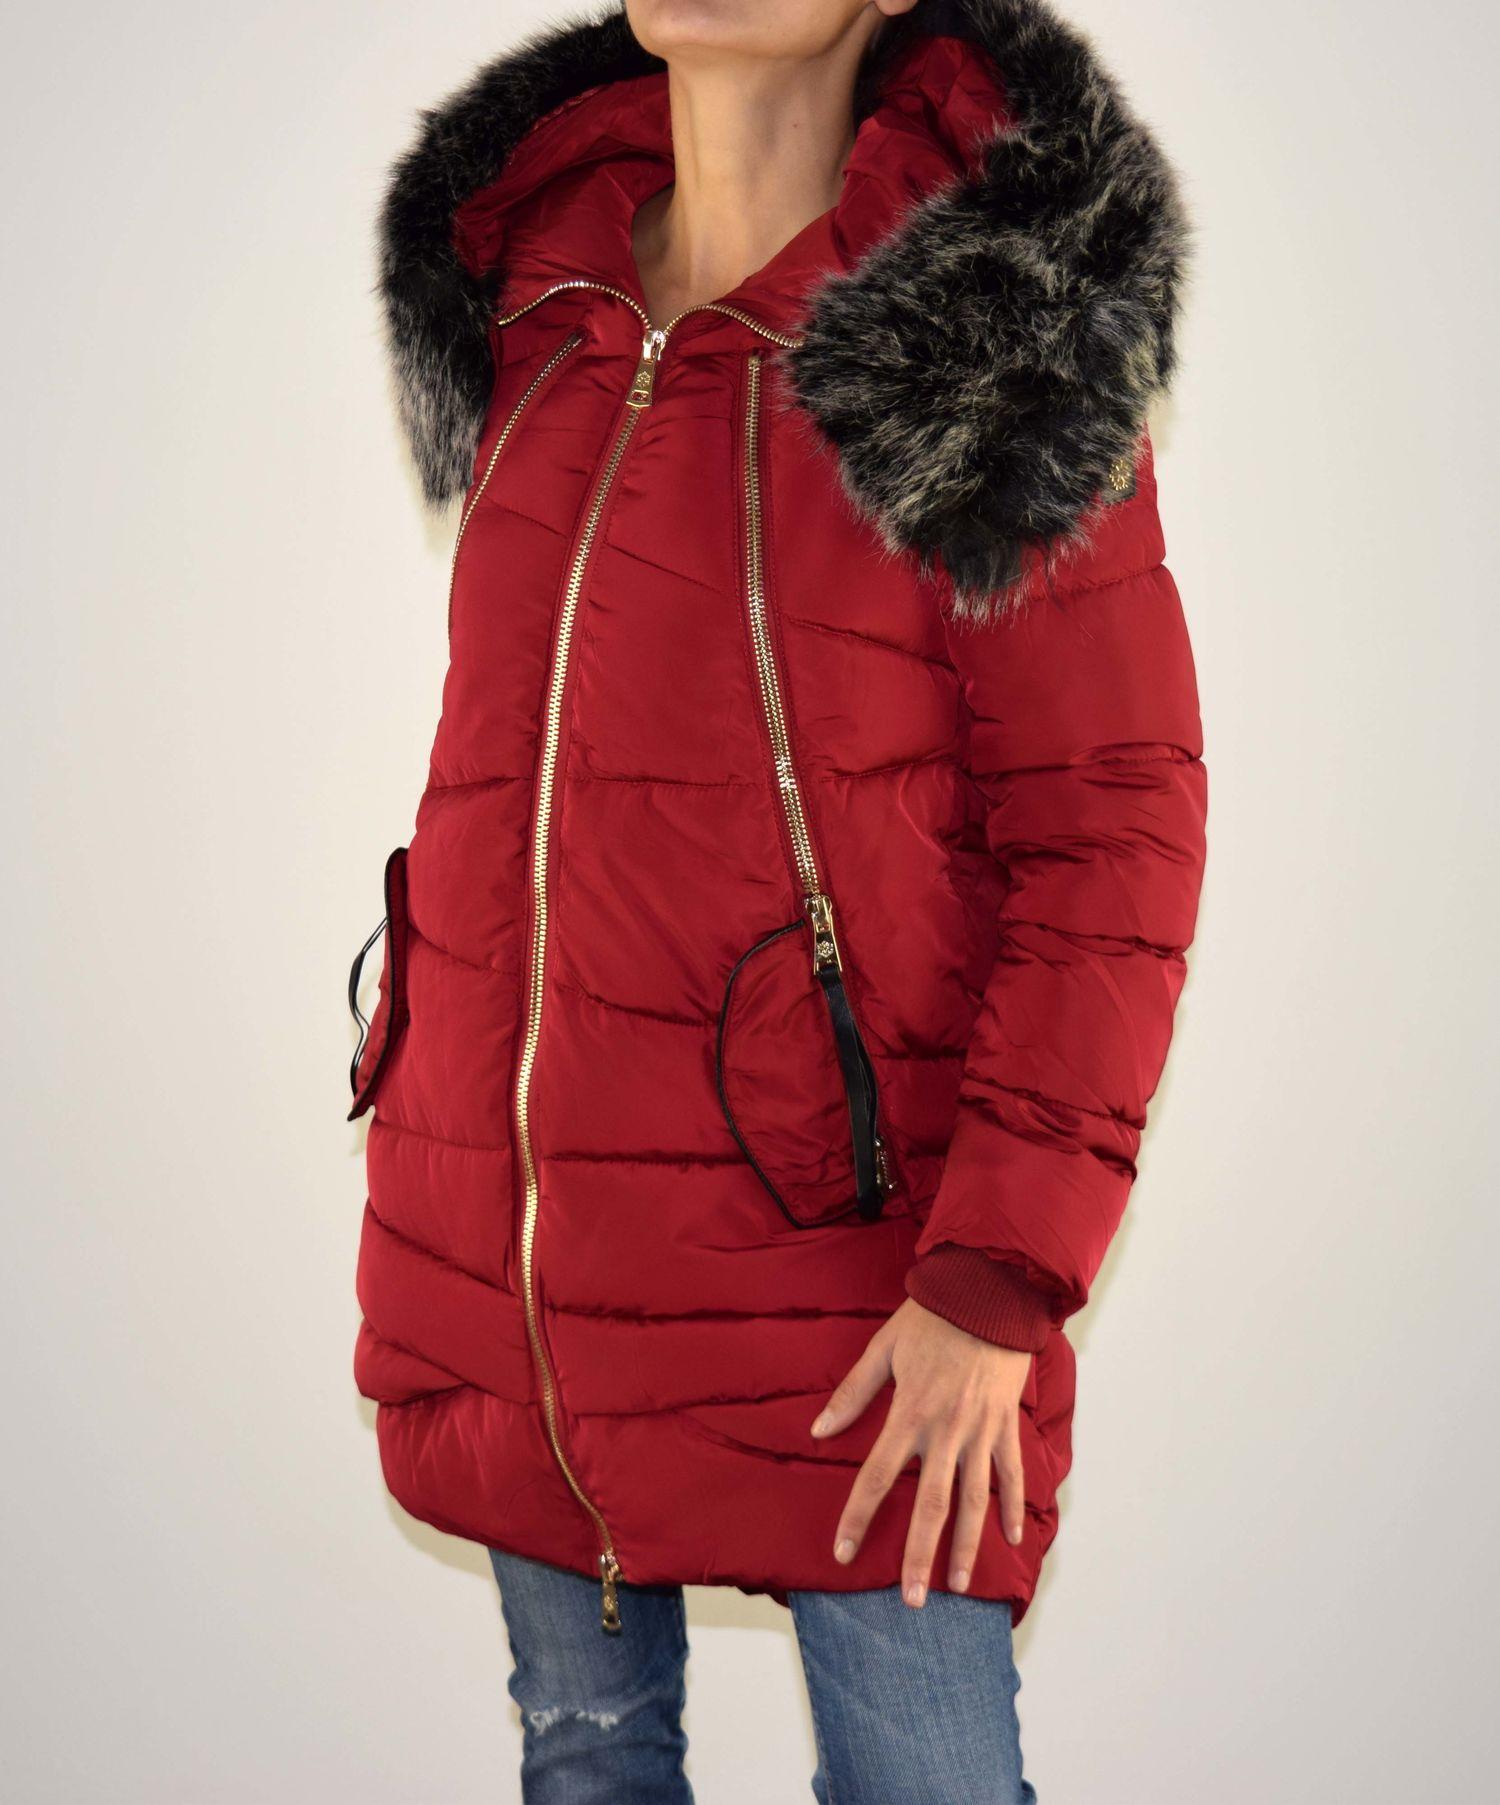 af0f93b13e9 Дамско зимно яке - 1607 - бордо с пух - Alis.bg - Fashion & Style